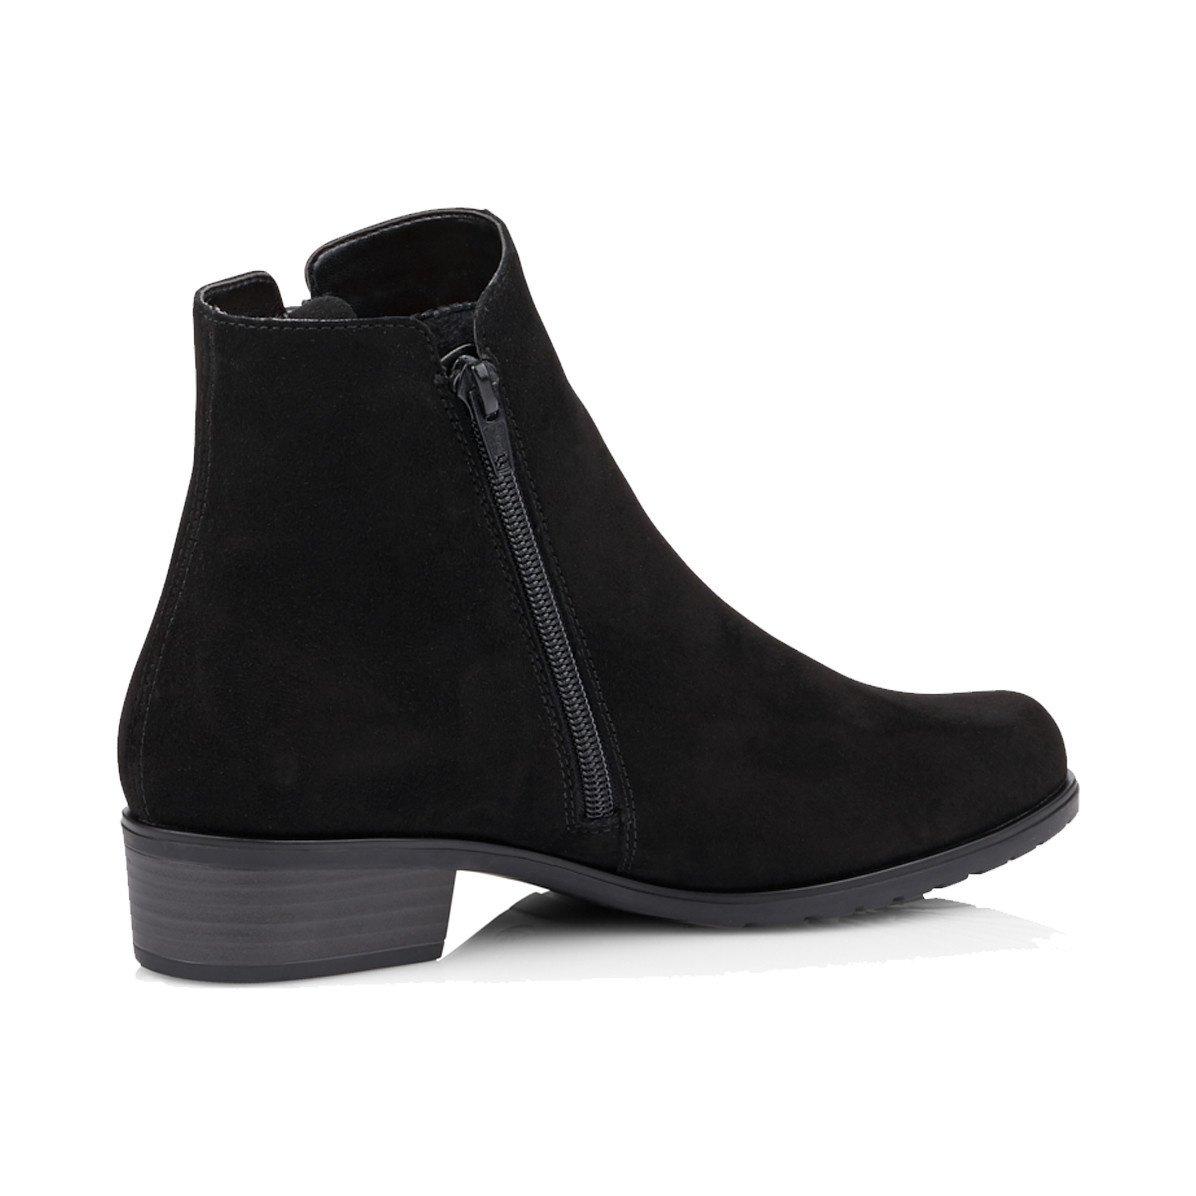 Remonte Remonte Women's Bootie D6871-00 Black